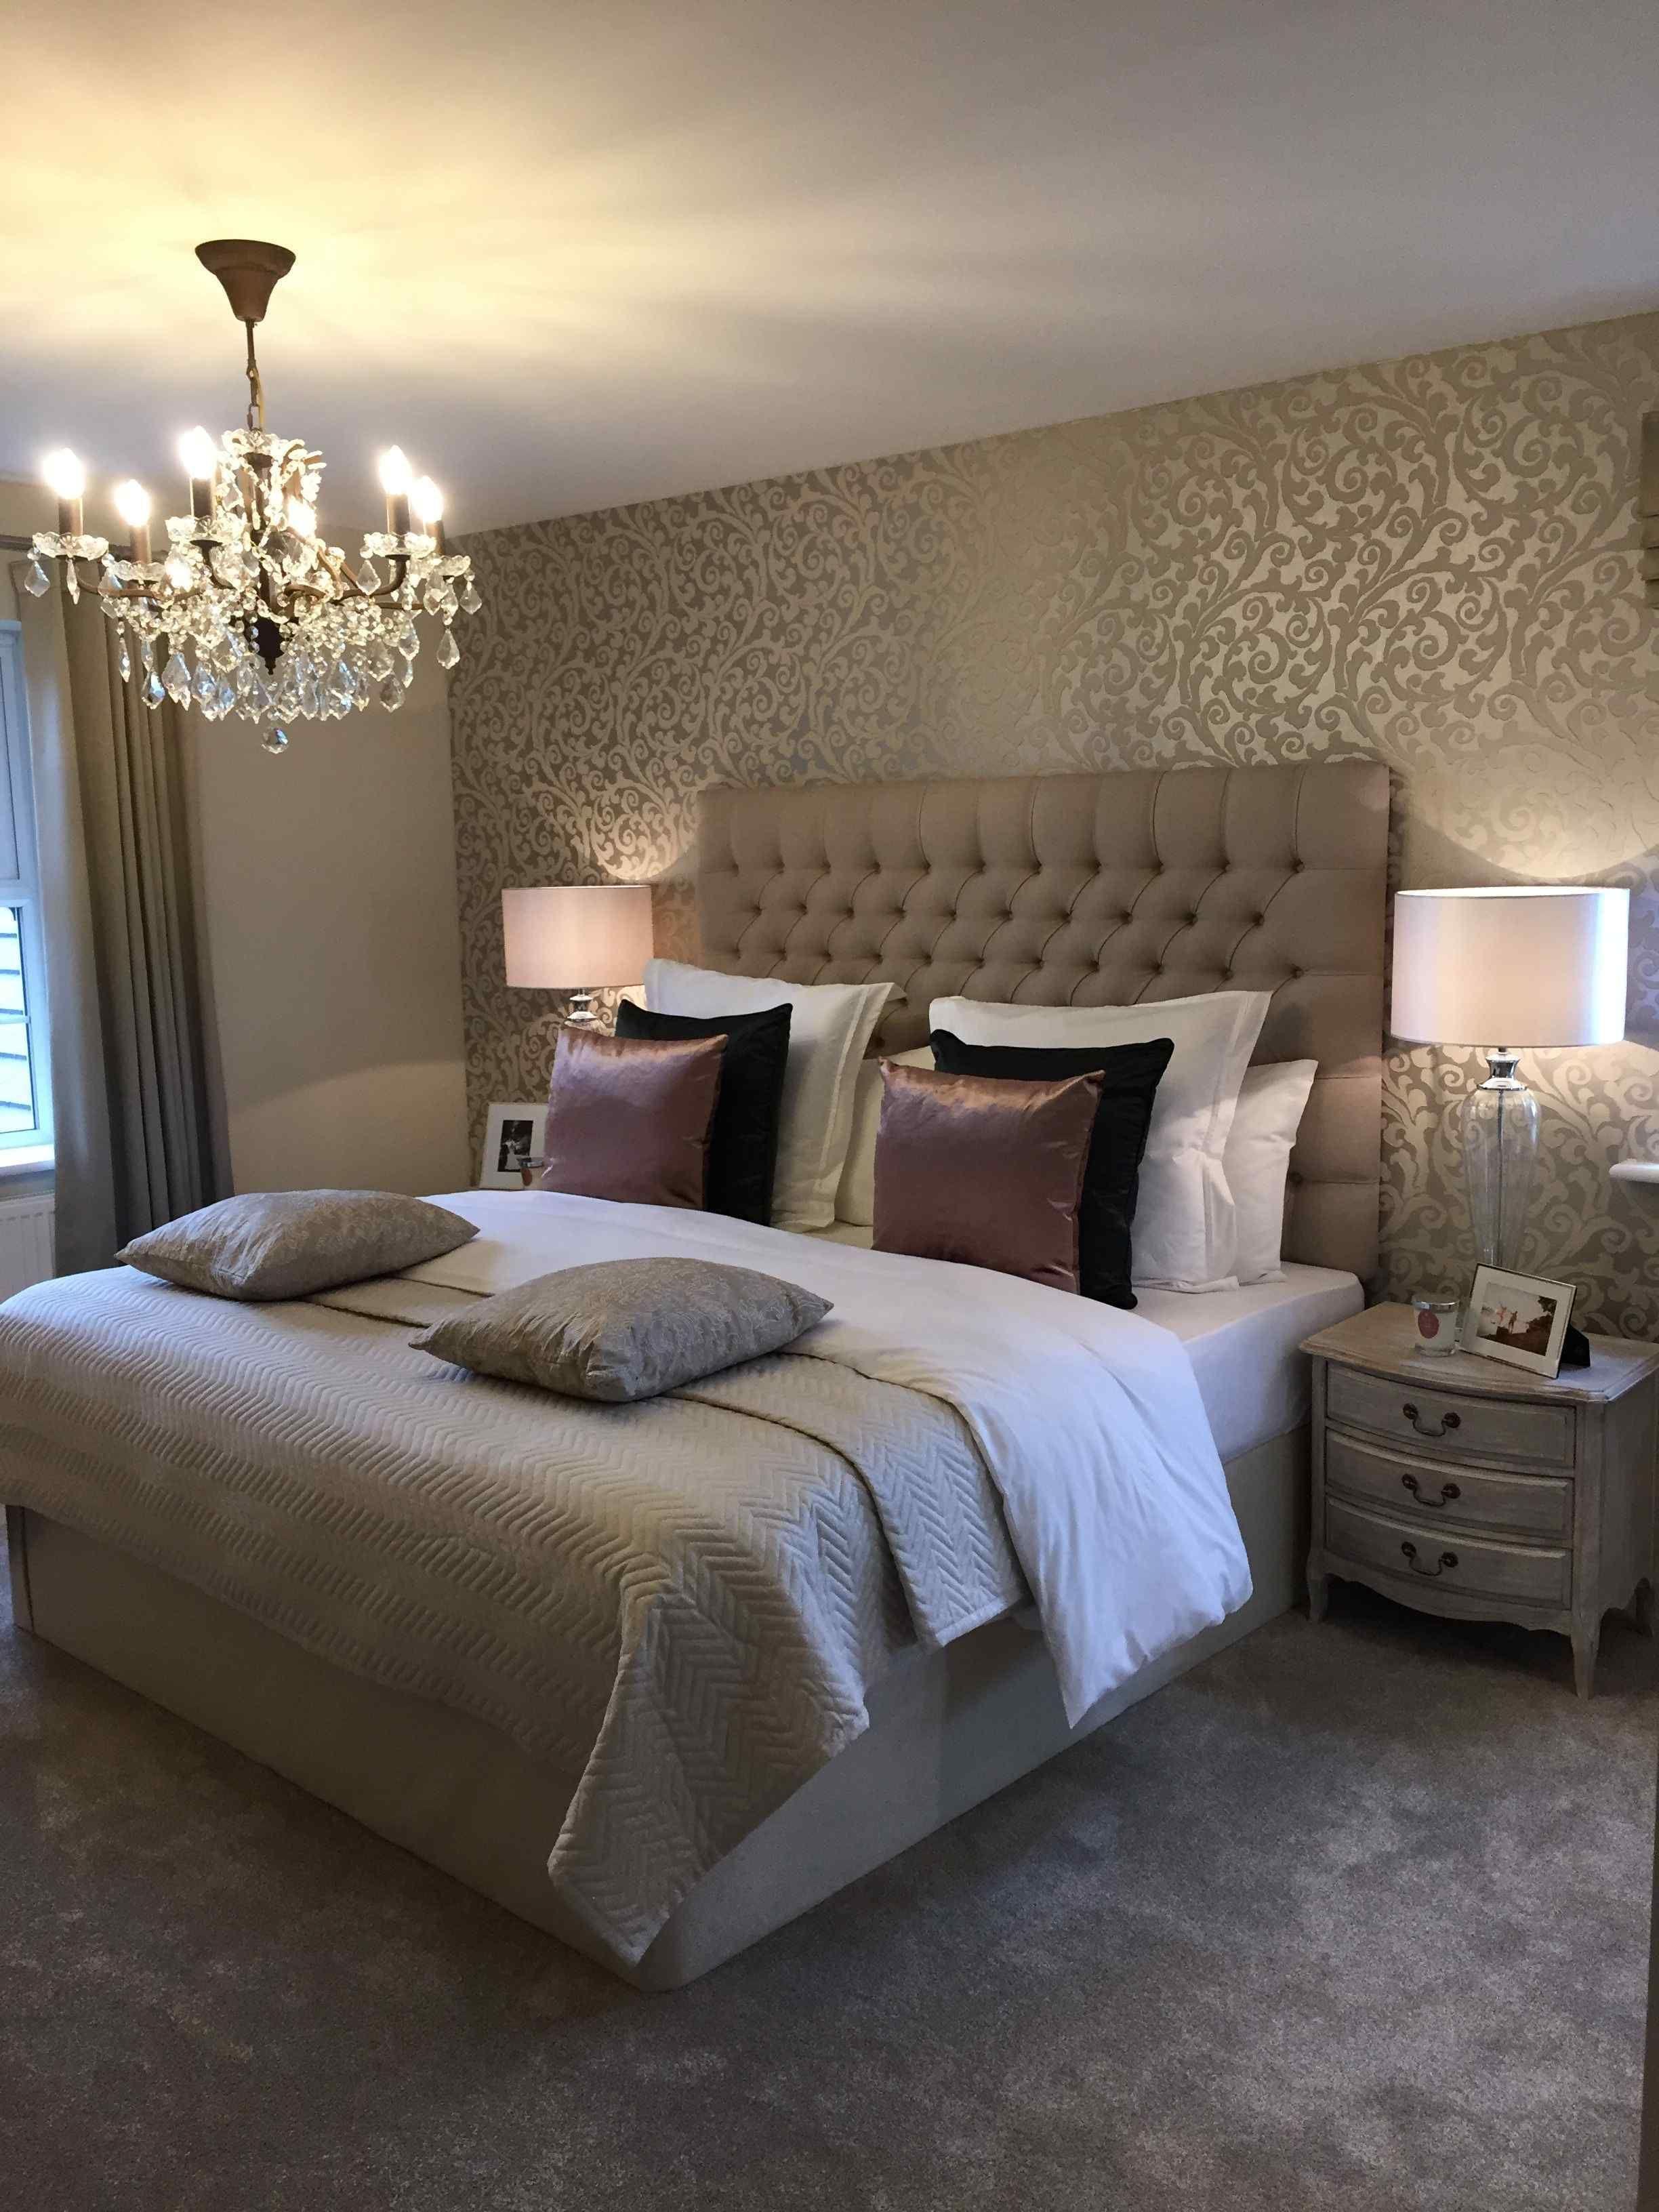 How To Design Master Bedroom Valoblogi Com